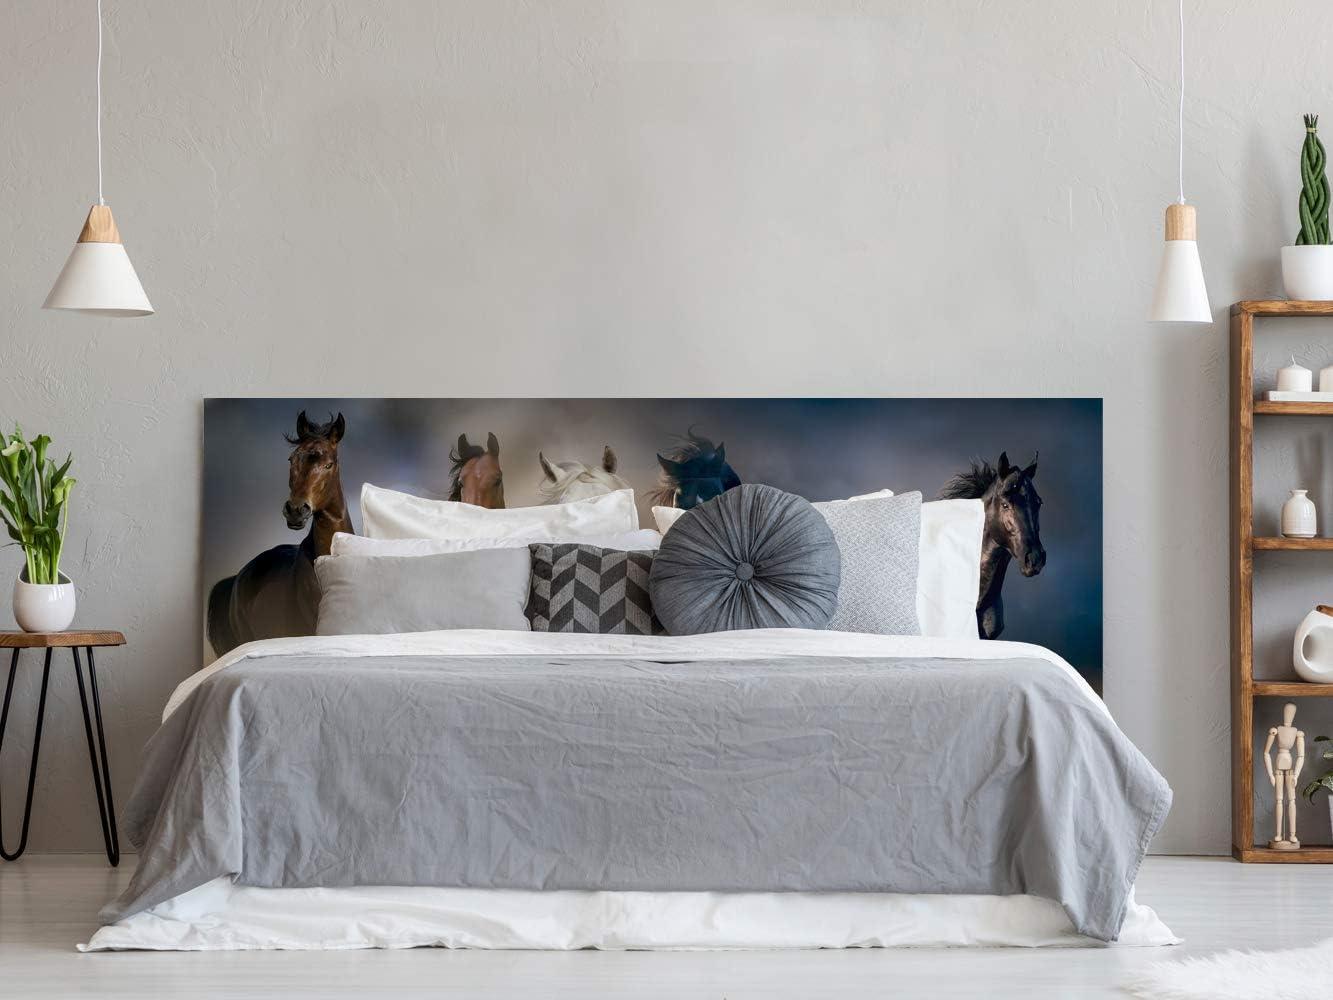 Cabecero Cama PVC Impresión Digital Caballos Multicolor 150 x 60 cm | Disponible en Varias Medidas | Cabecero Ligero, Elegante, Resistente y Económico